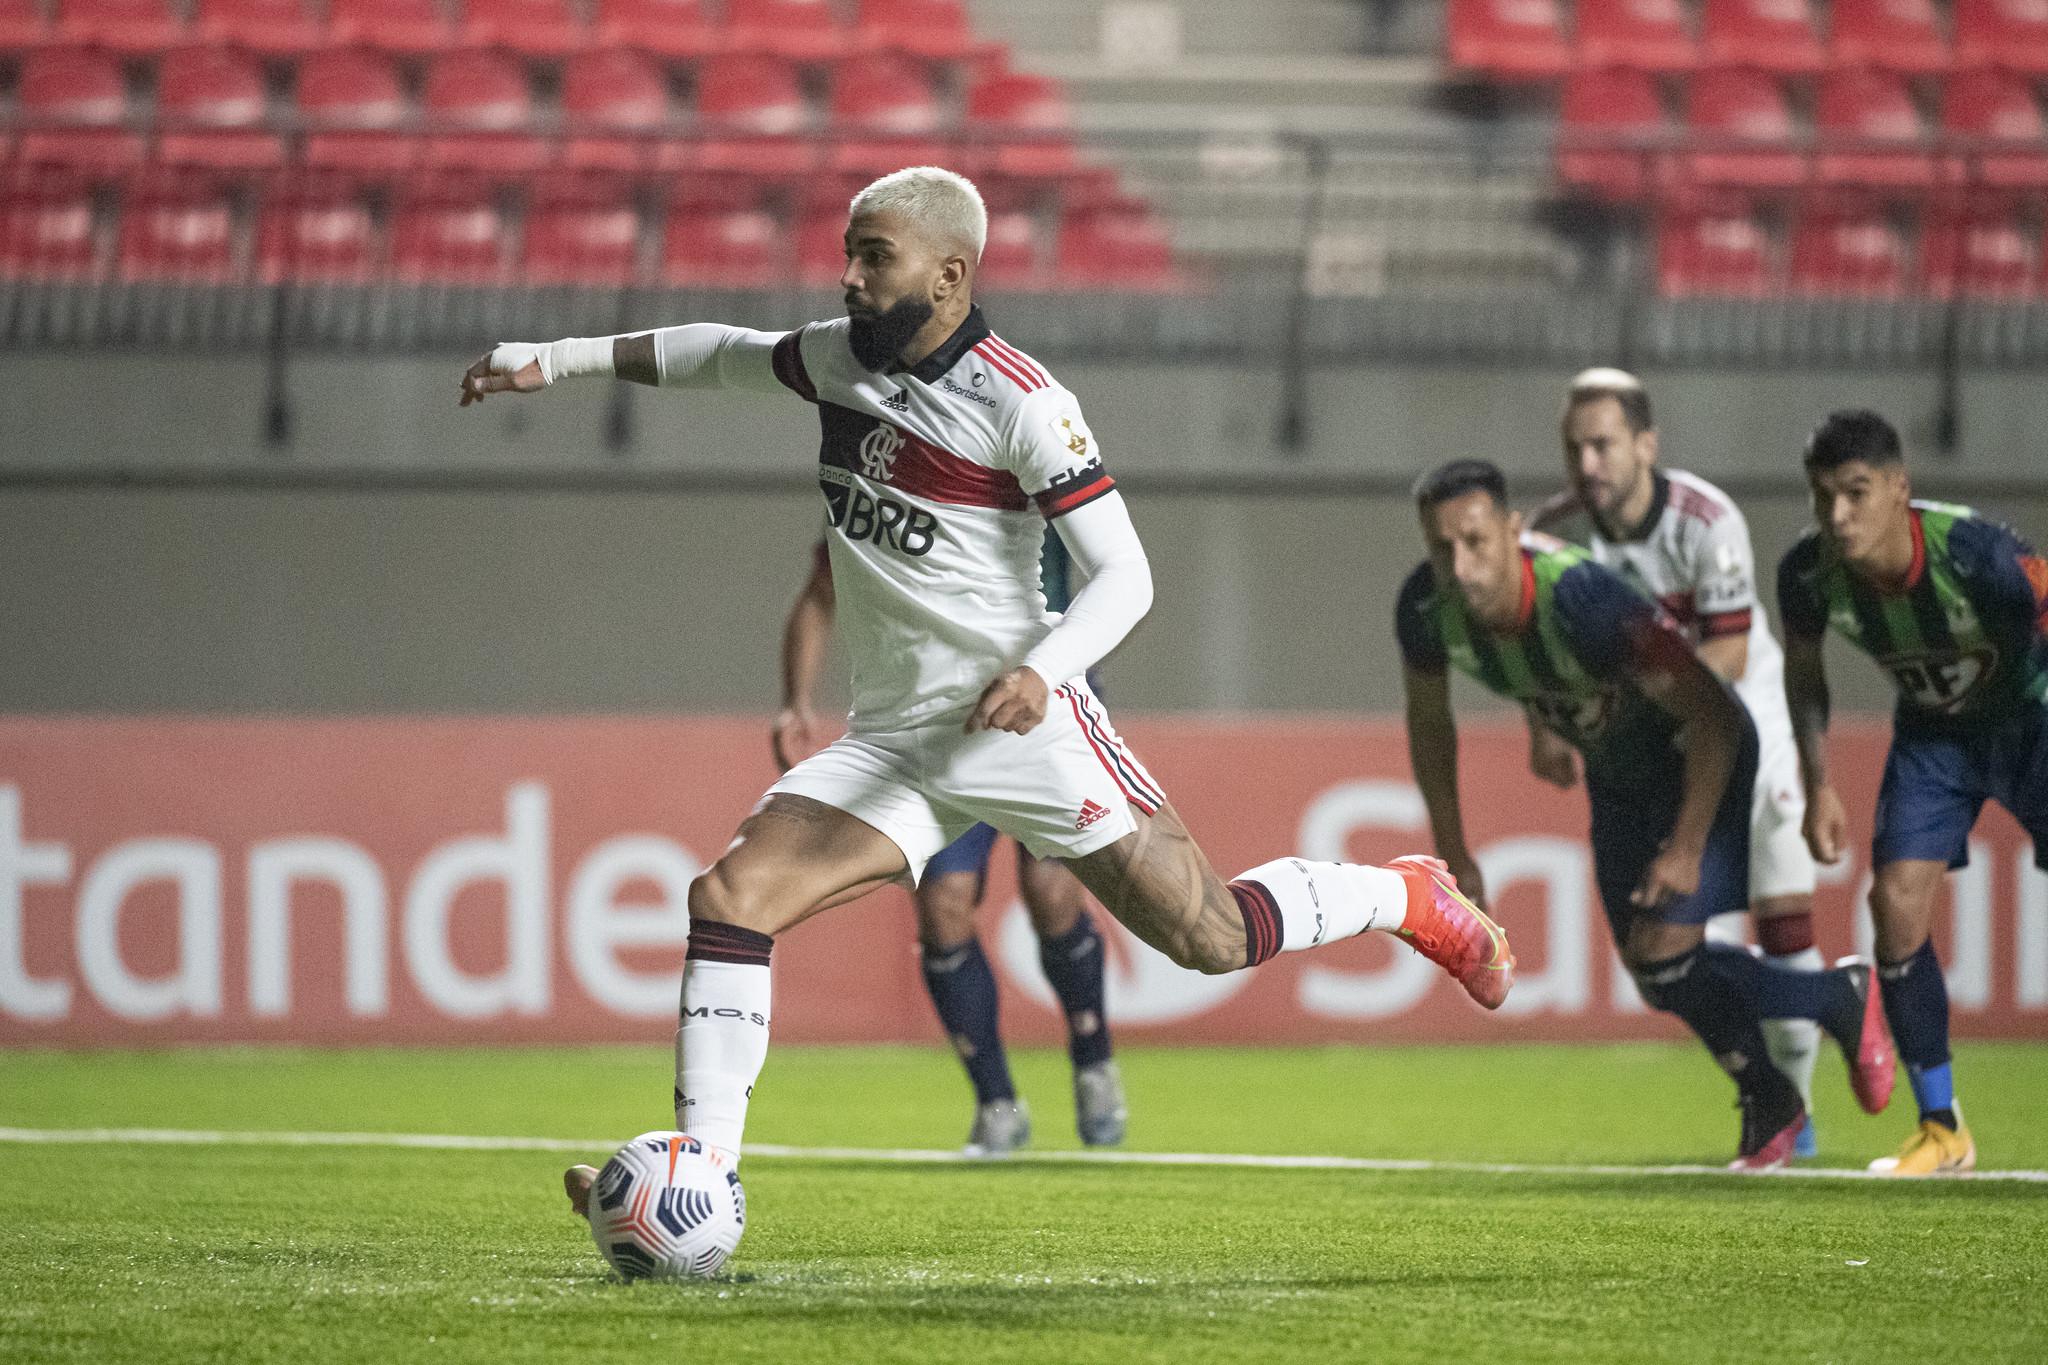 Com o pênalti convertido, Gabigol se isolou na artilharia história do Flamengo na Libertadores. O atacante agora tem 17, contra 16 de ninguém menos que Zico (Foto: Staff Images/Conmebol)